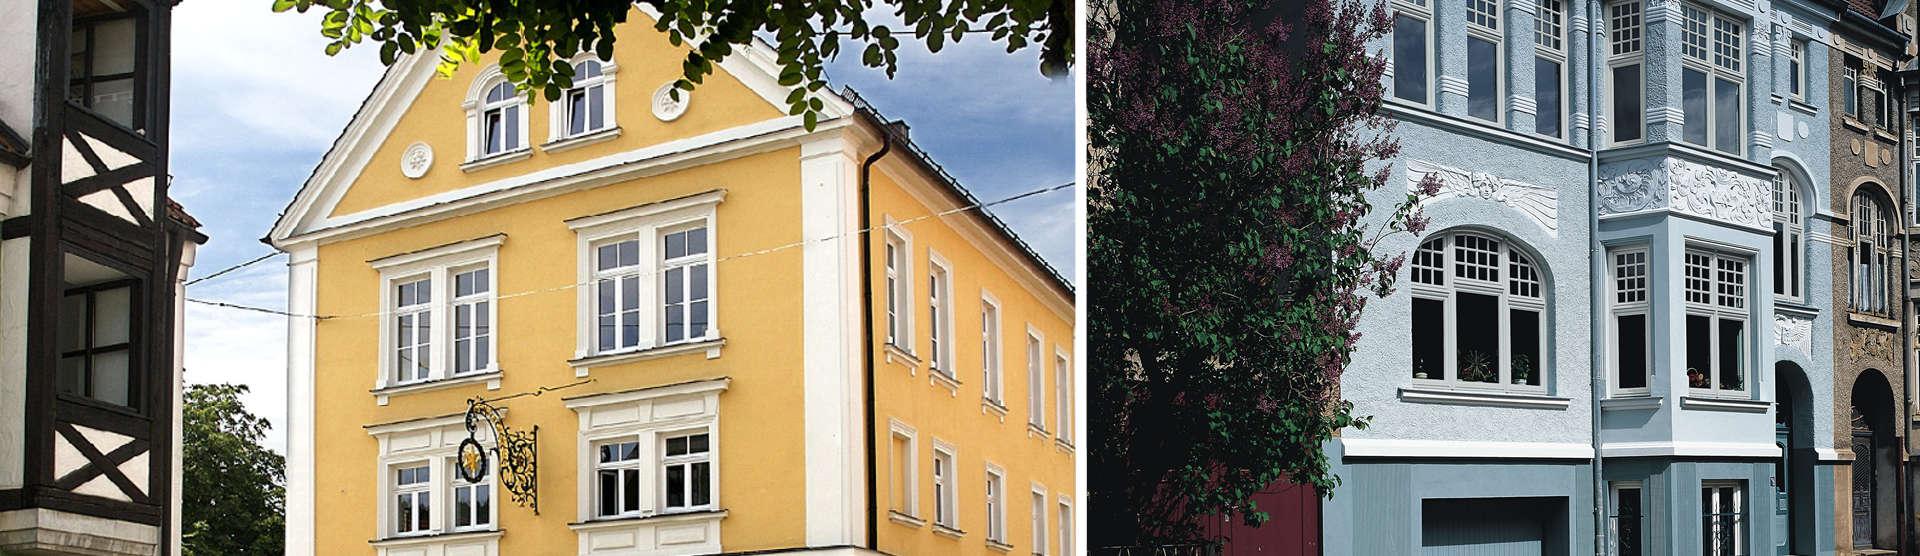 Denkmalschutzfenster_1